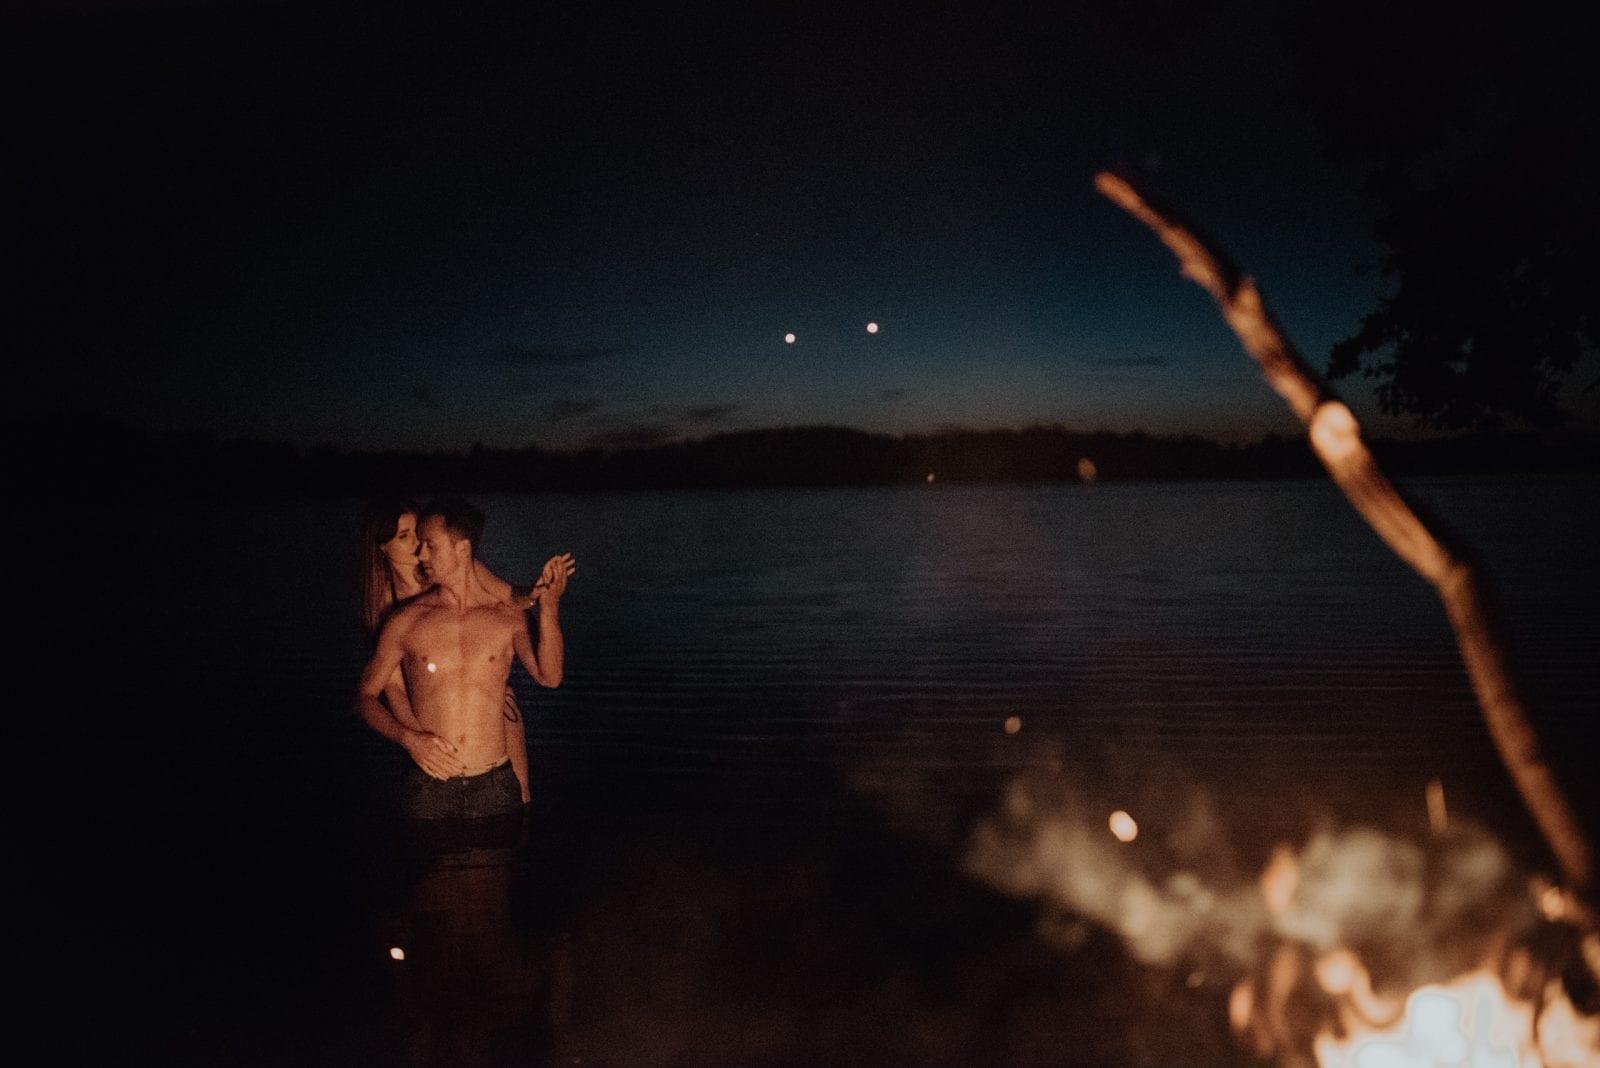 sesja nad jeziorem, sesja narzeczeńska, sesja narzeczeńska Szczecin, sesja partnerska, sesja przy ognisku, sesja w wodzie Sesja partnerska po zachodzie słońca